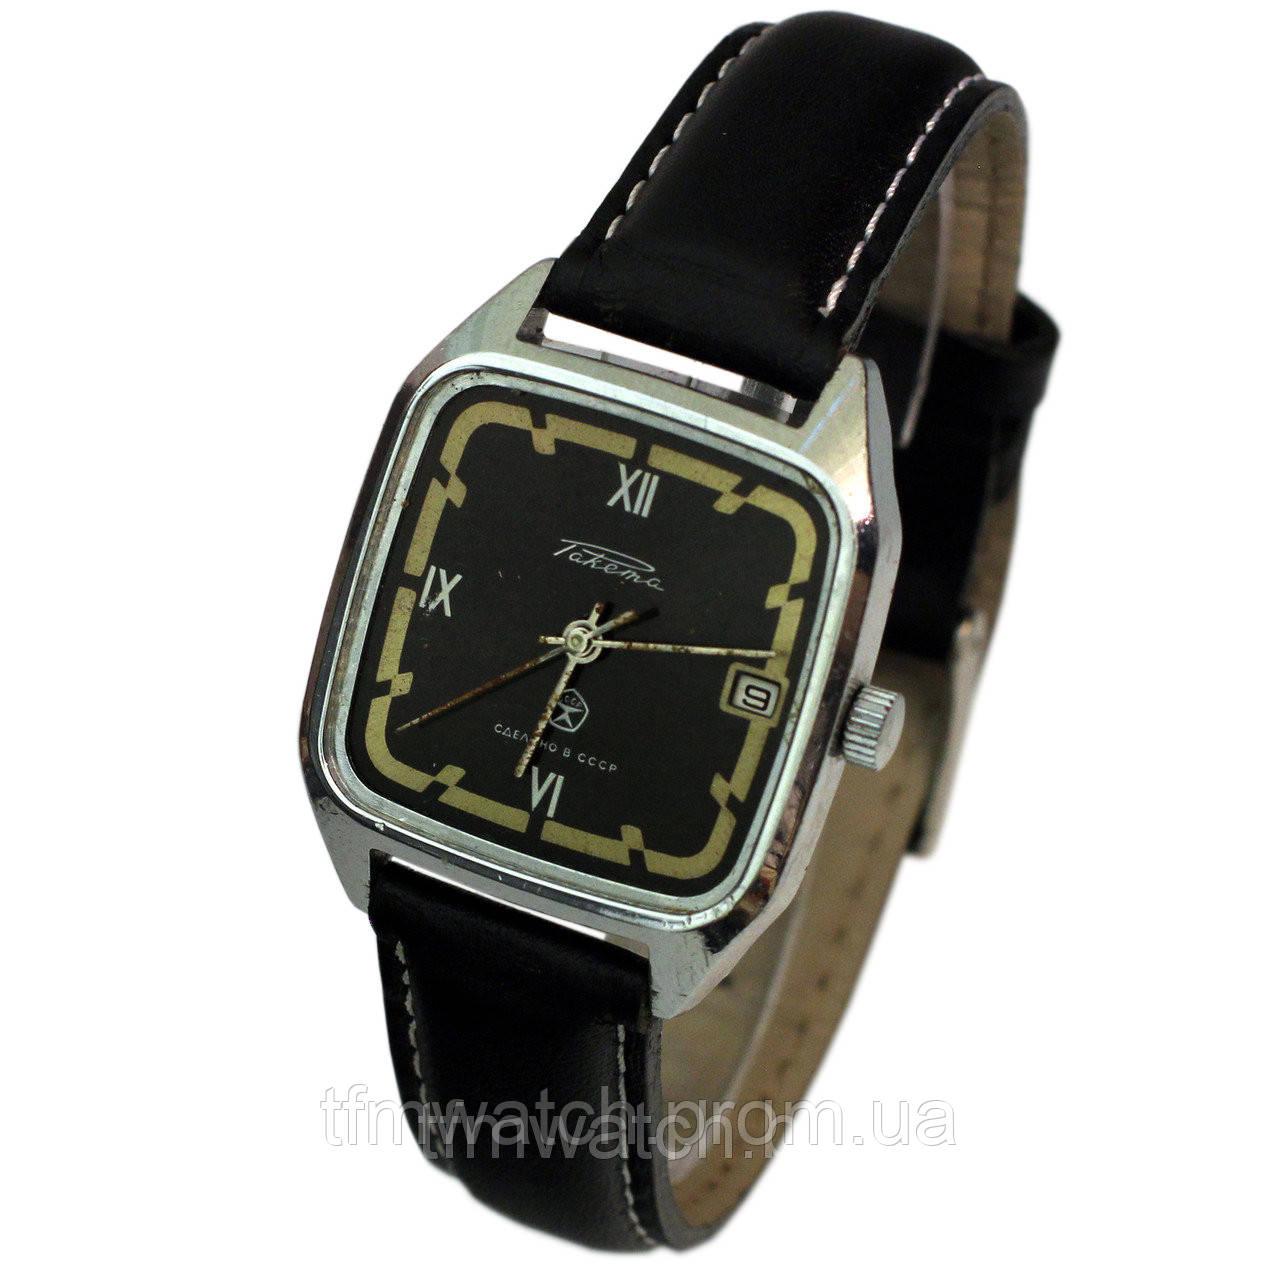 Советские ракета продать часы в стоимость киловатт сургуте час